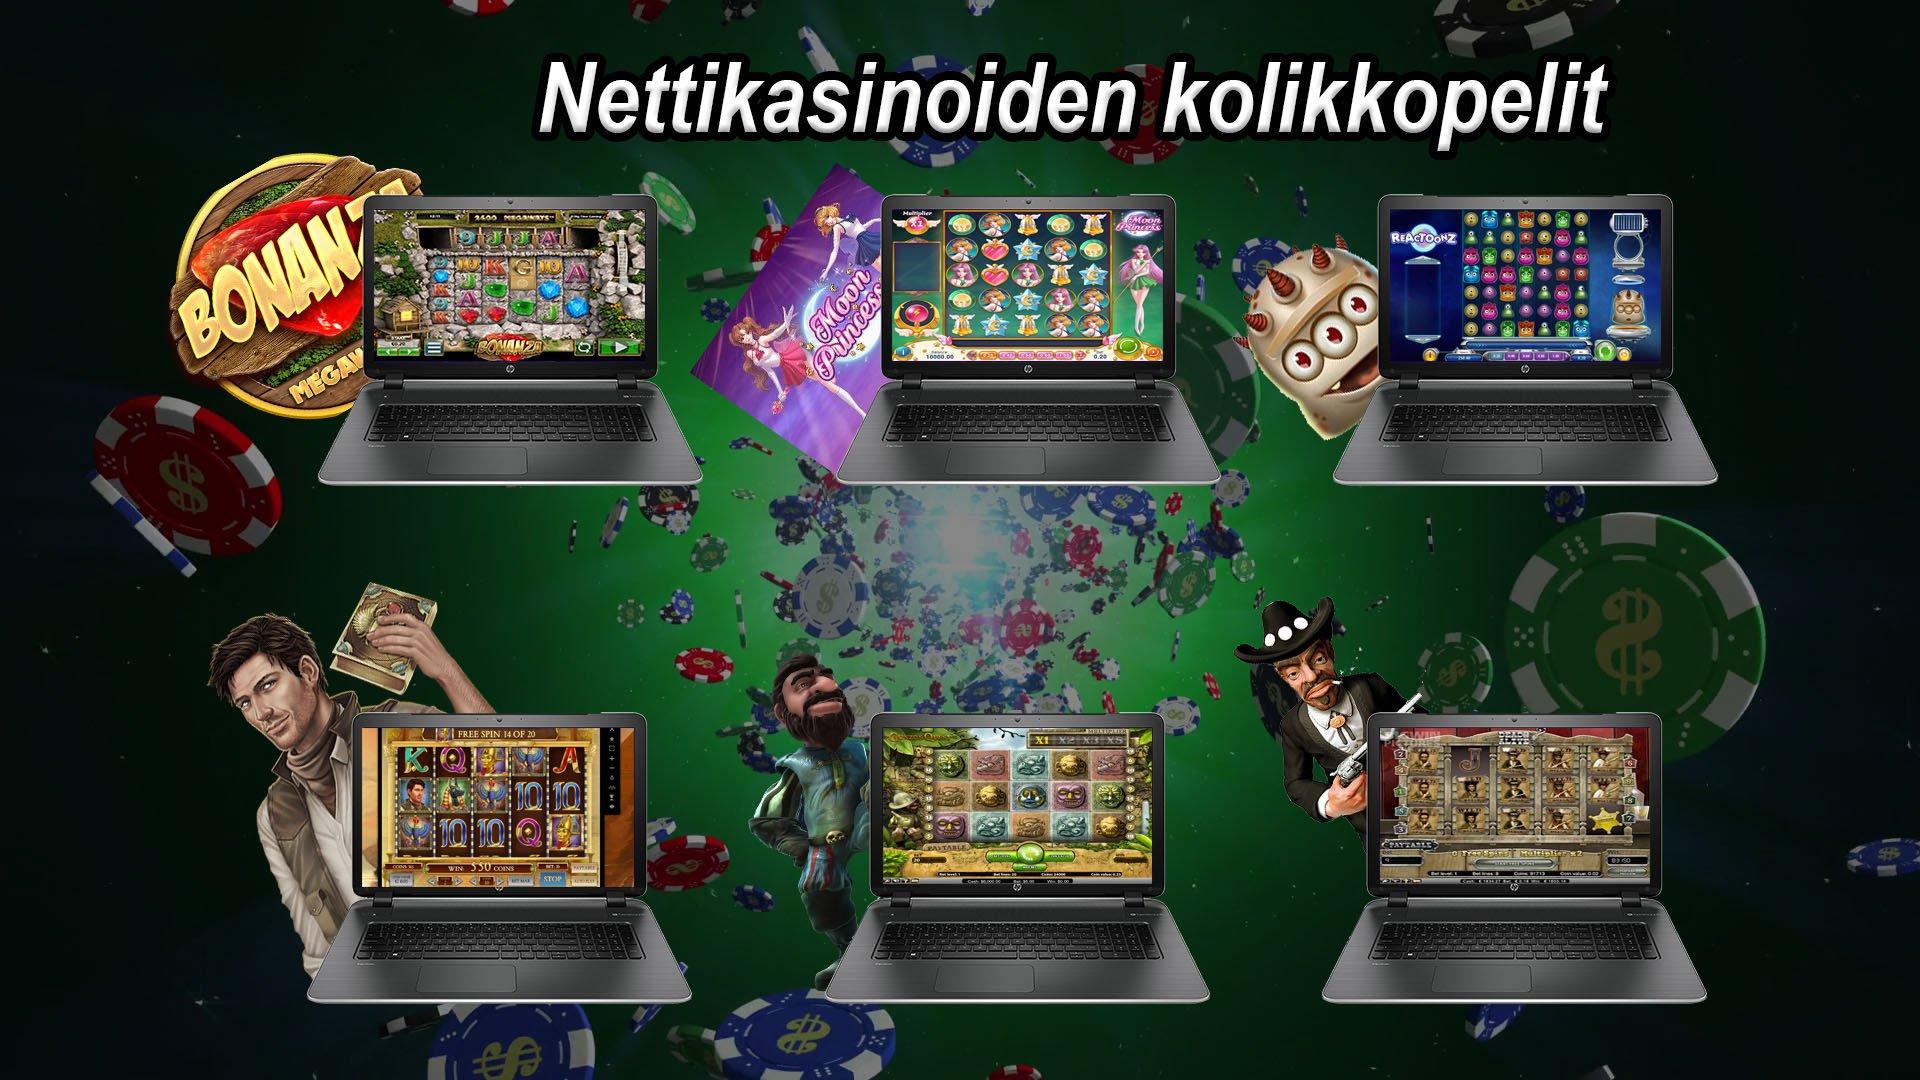 Nettikasinoiden kolikkopelit